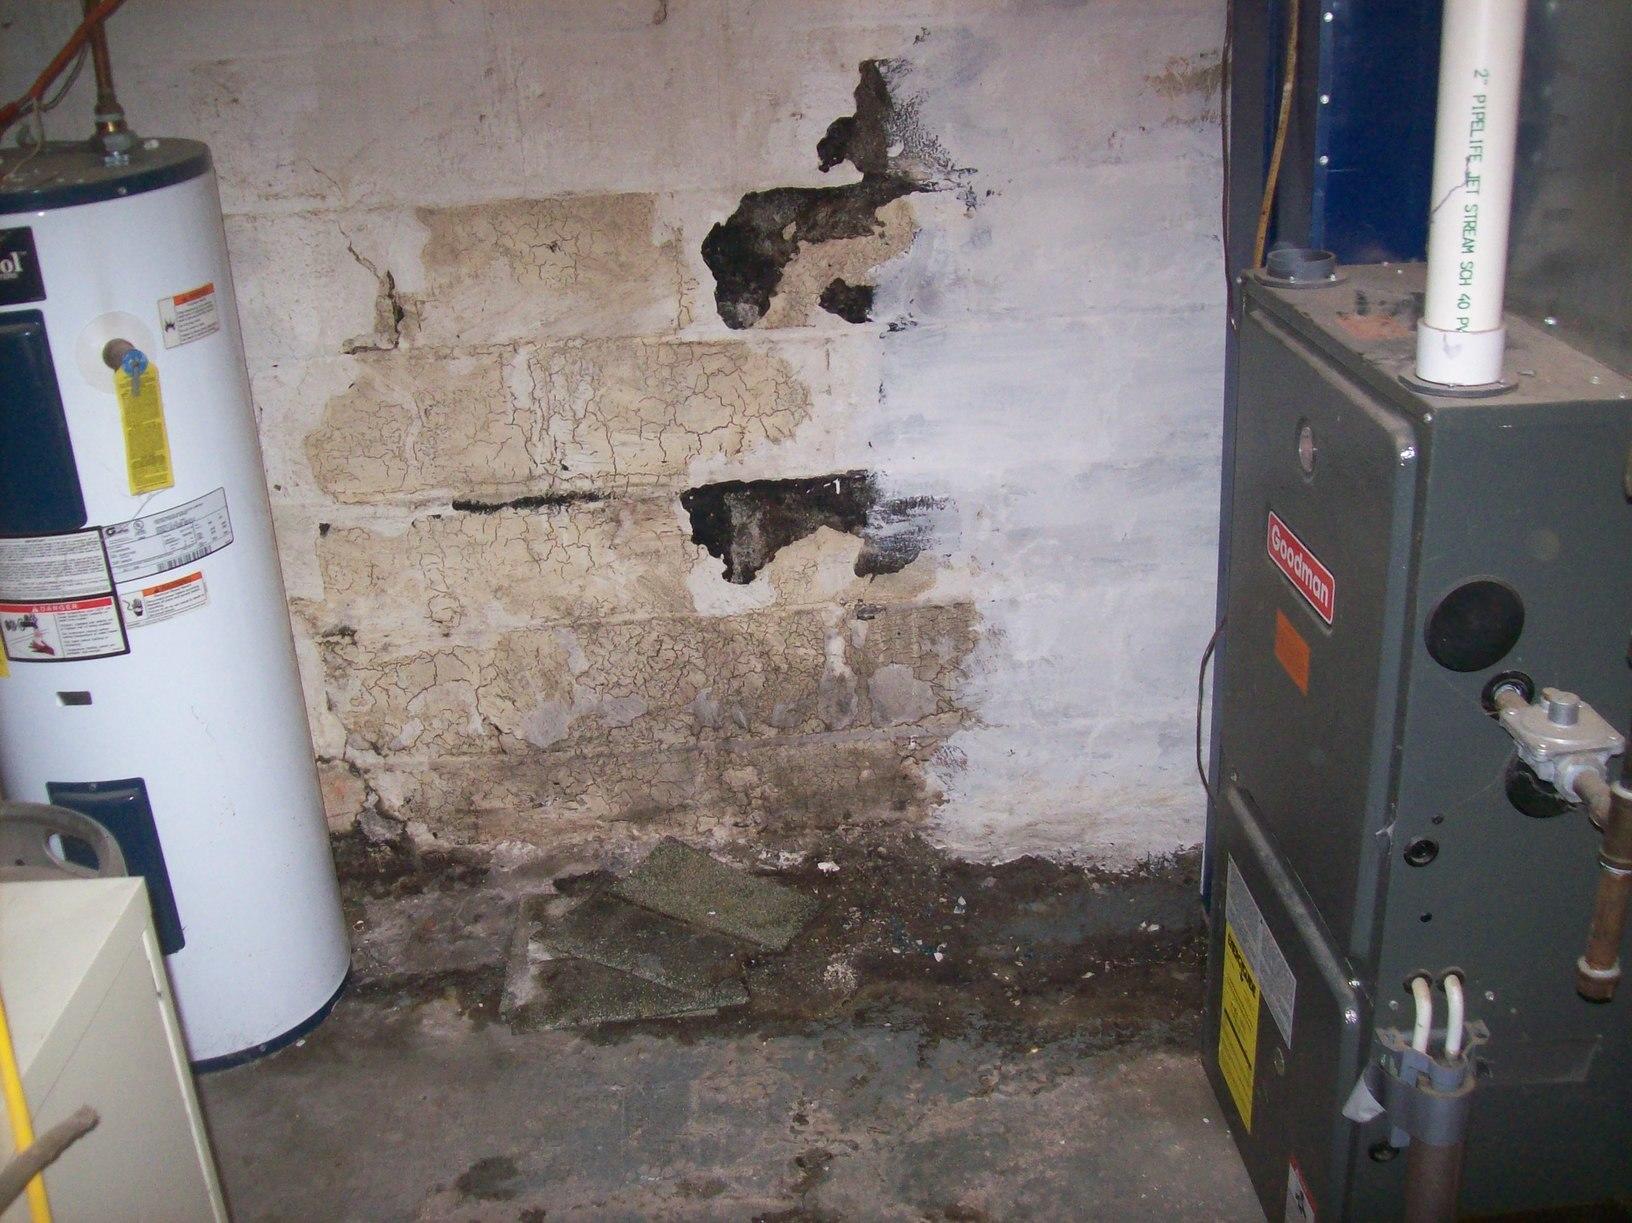 Basement Waterproofing in Morgantown, WV - Before Photo